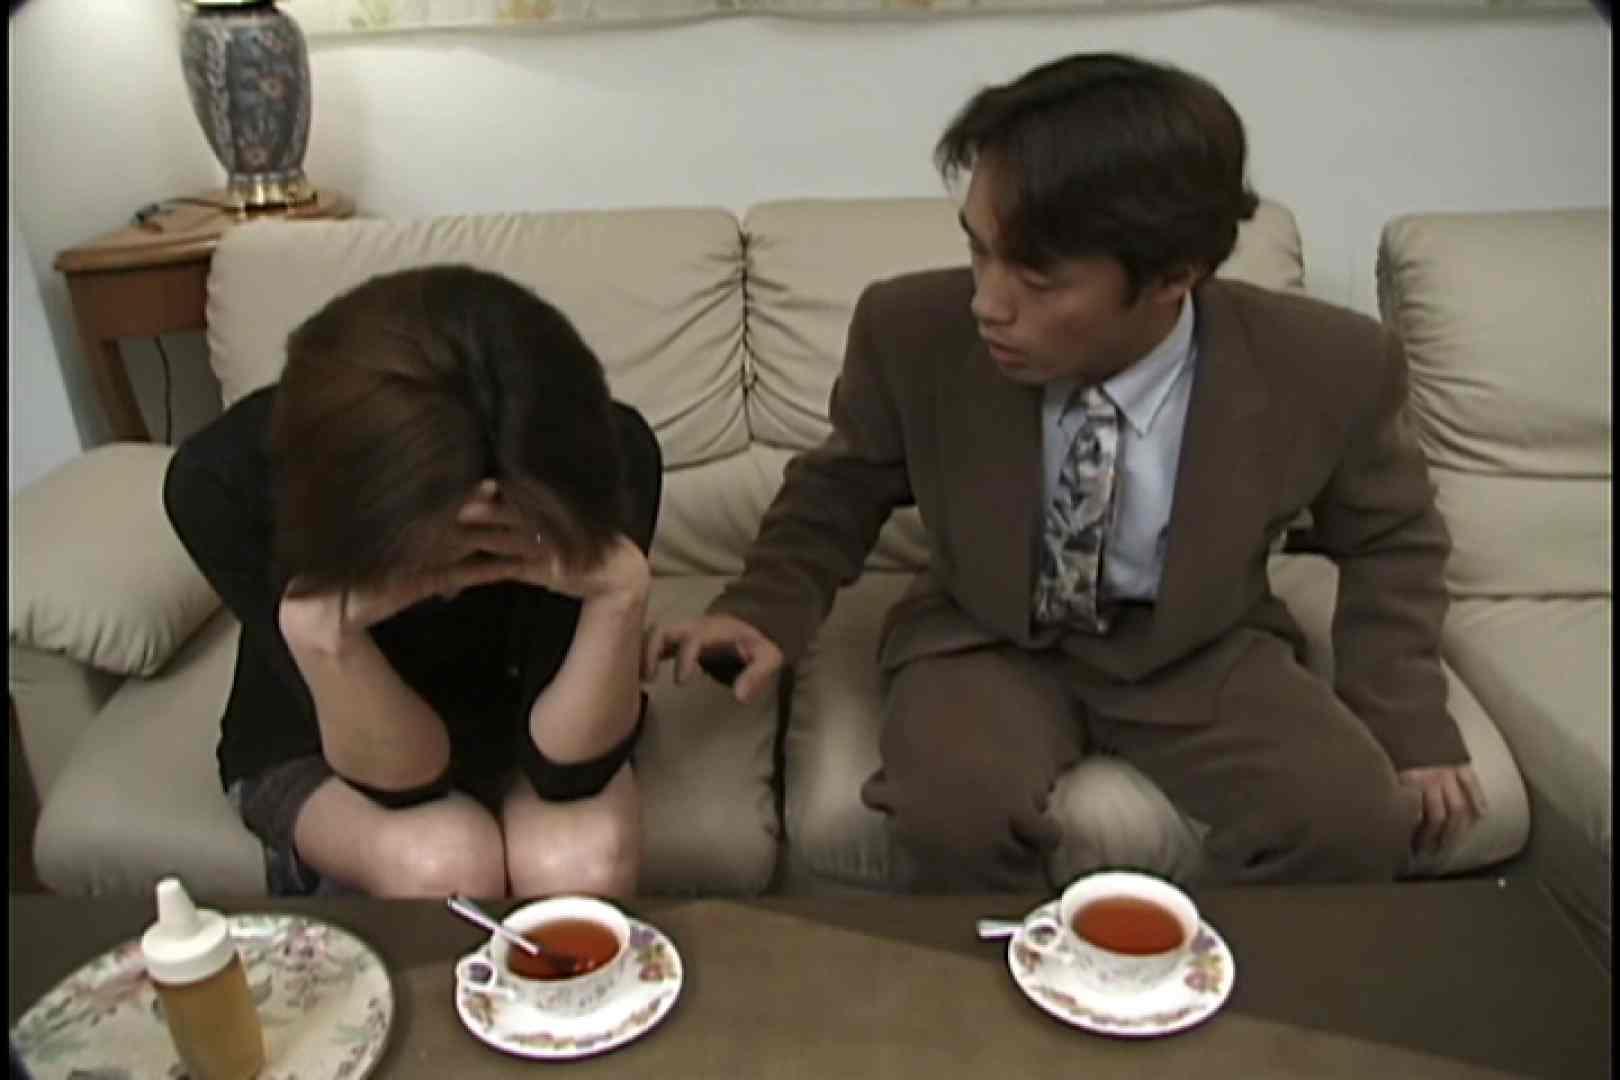 昼間の奥様は欲求不満 ~石川麻紀~ 熟女のエッチ  102pic 54